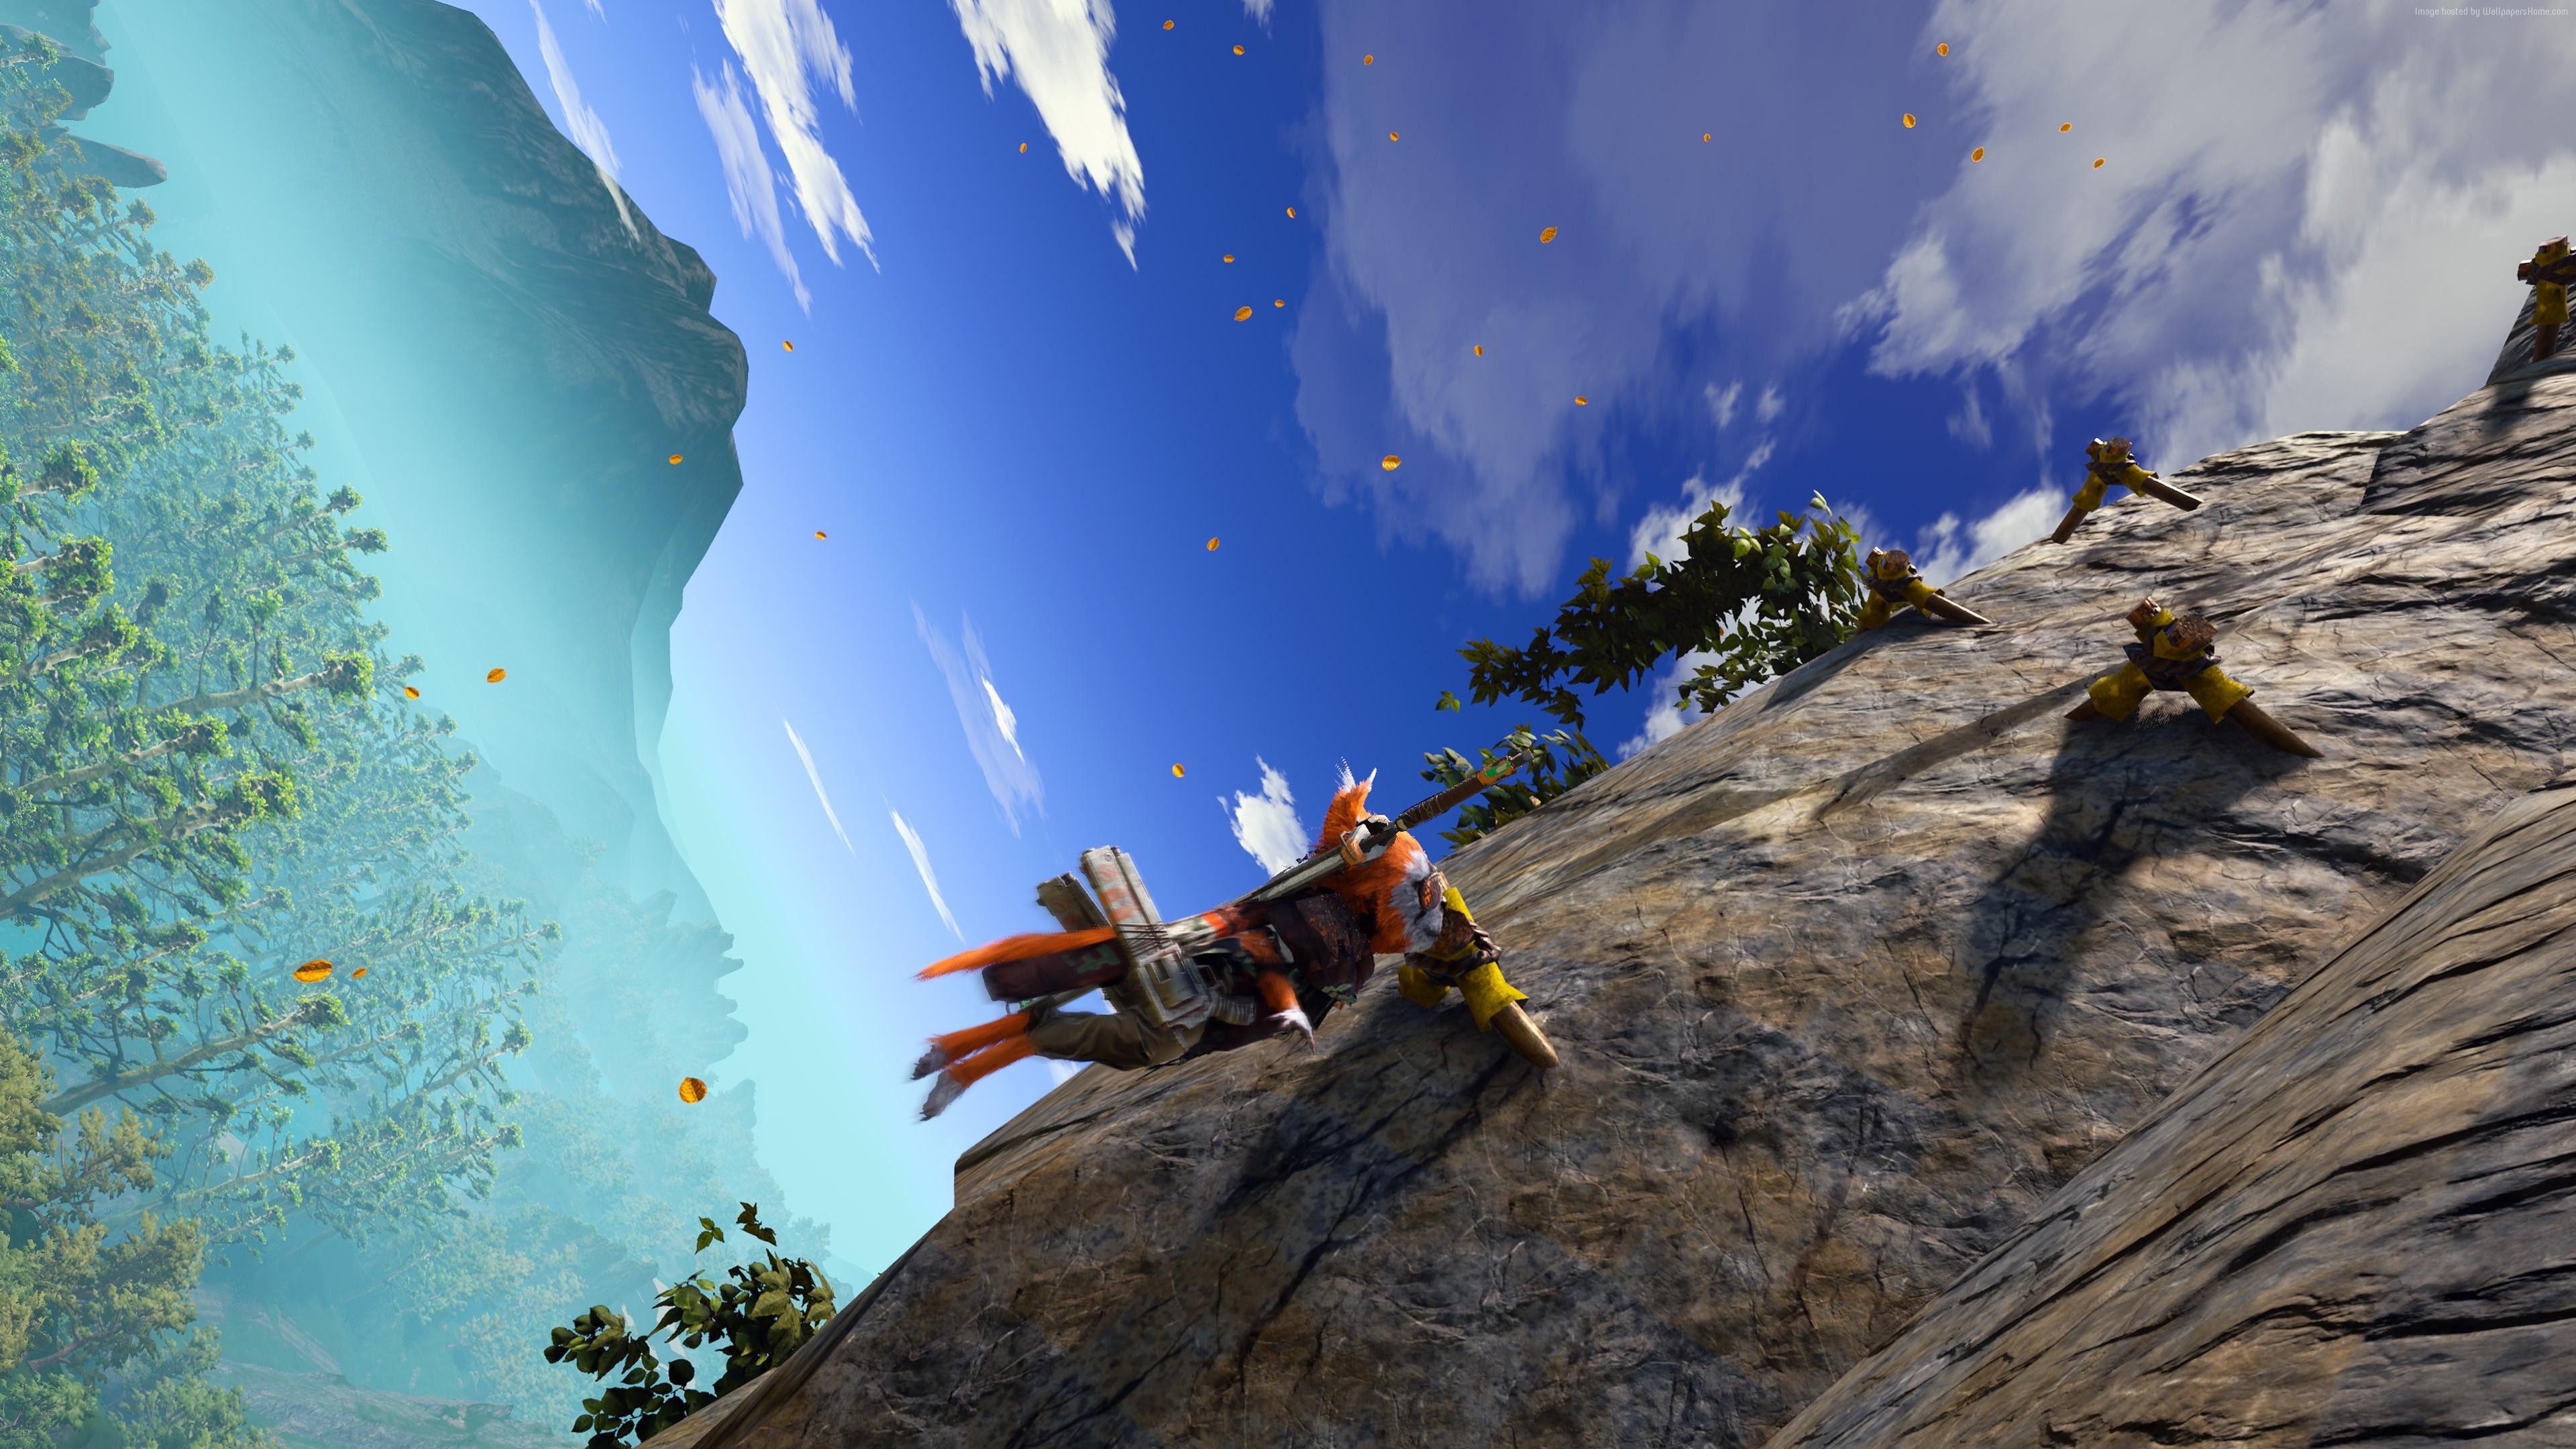 biomutant video game wallpaper 68928